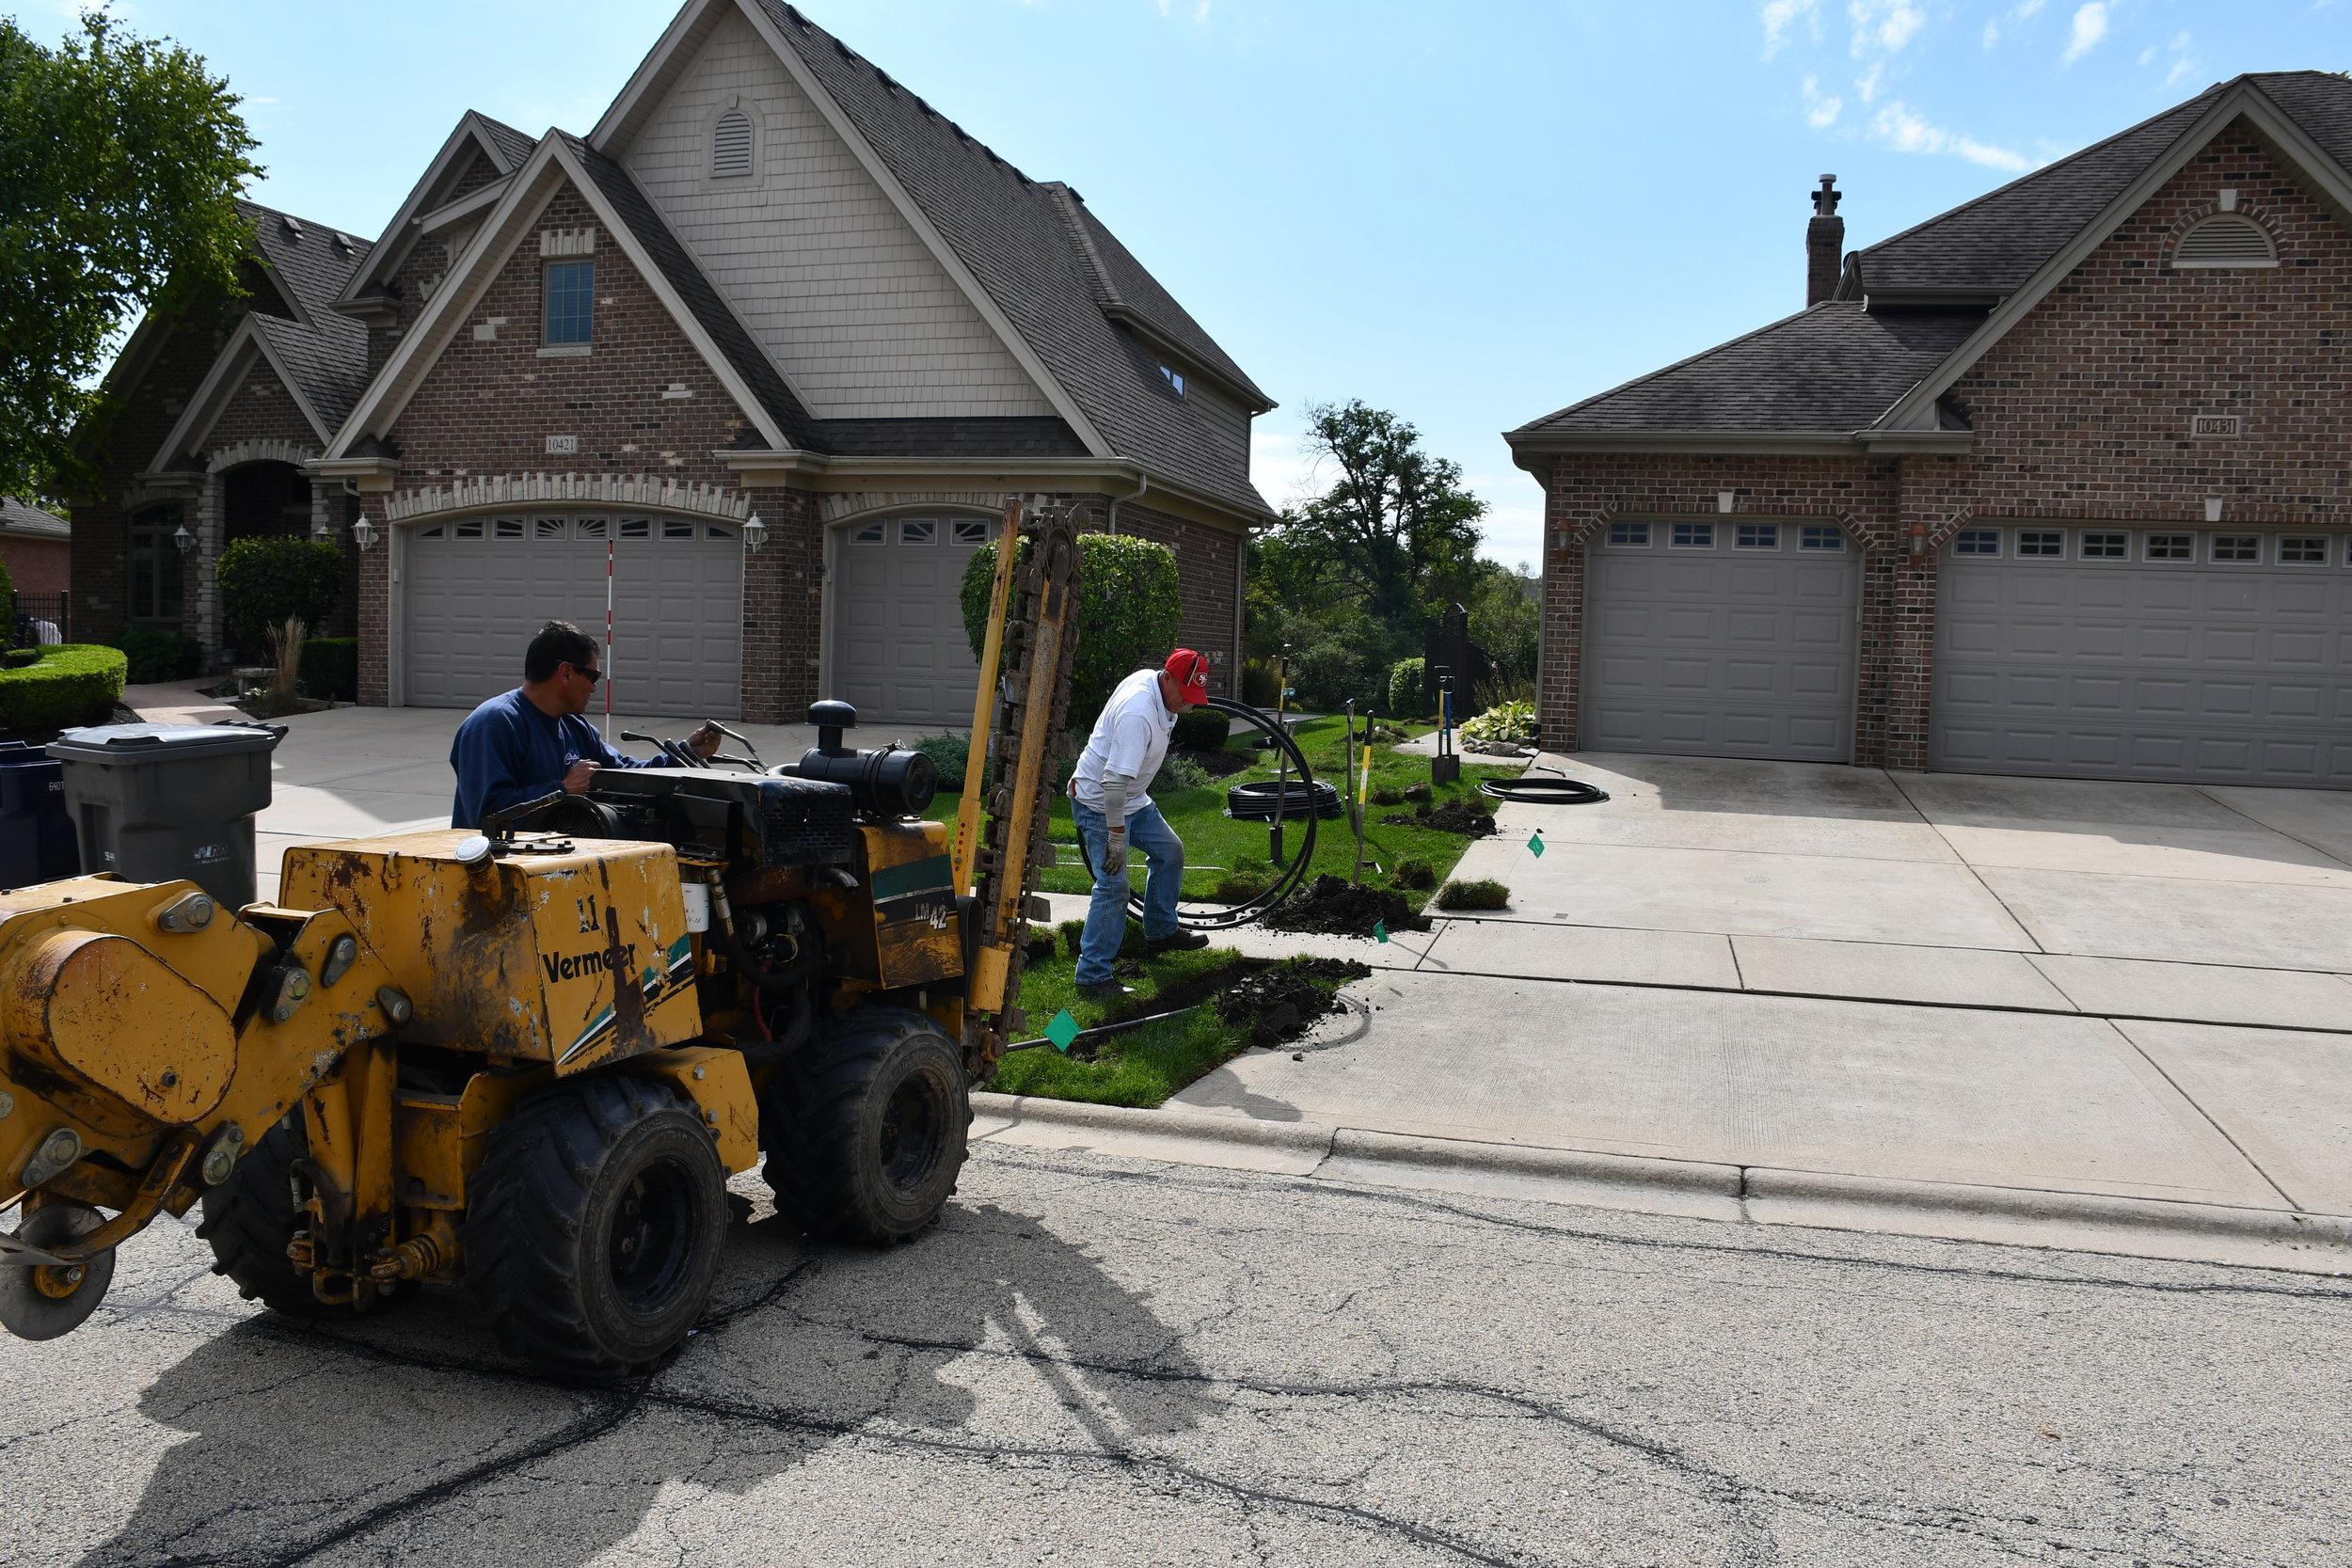 Orland Park Sprinkler Project - September 2018, Carefree Lawn Sprinkler Inc., helped install a residential sprinkler in Orland Park, IL